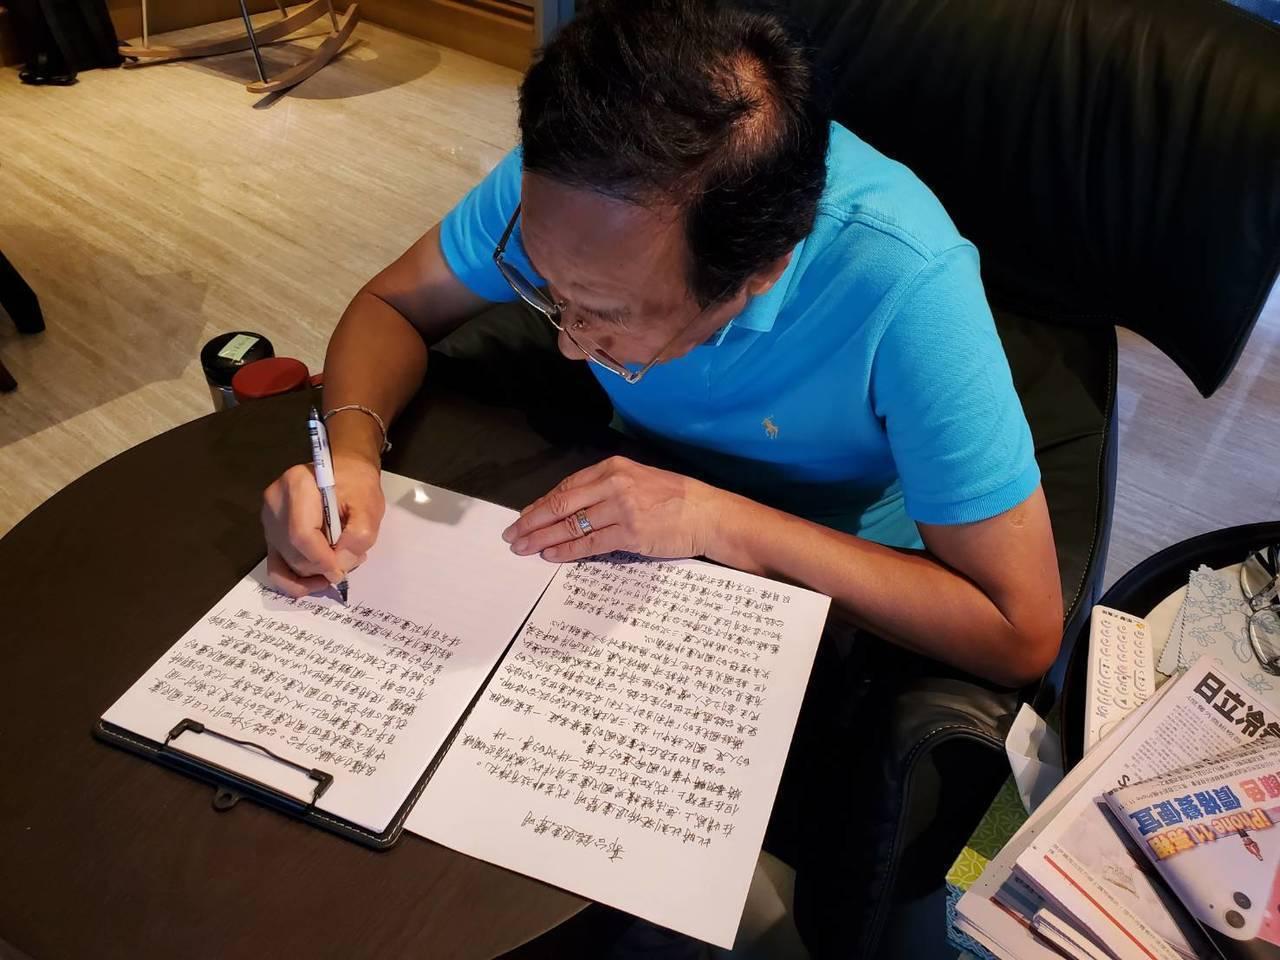 鴻海創辦人郭台銘12日宣布退出國民黨,並親寫退黨聲明。圖/郭台銘辦公室提供